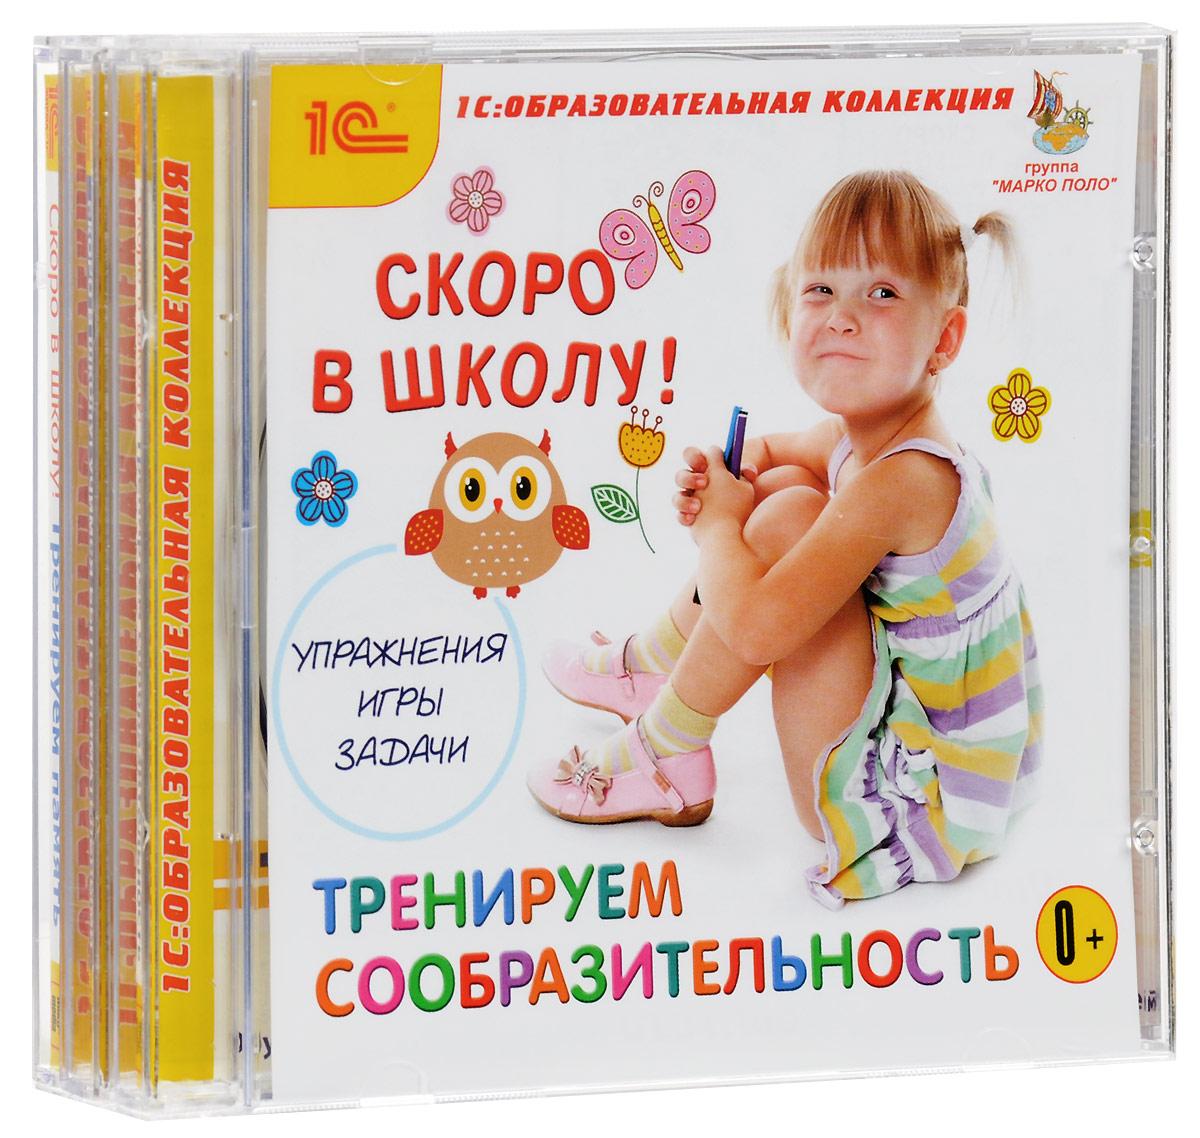 Zakazat.ru 1С: Образовательная коллекция. Комплект Скоро в школу 2